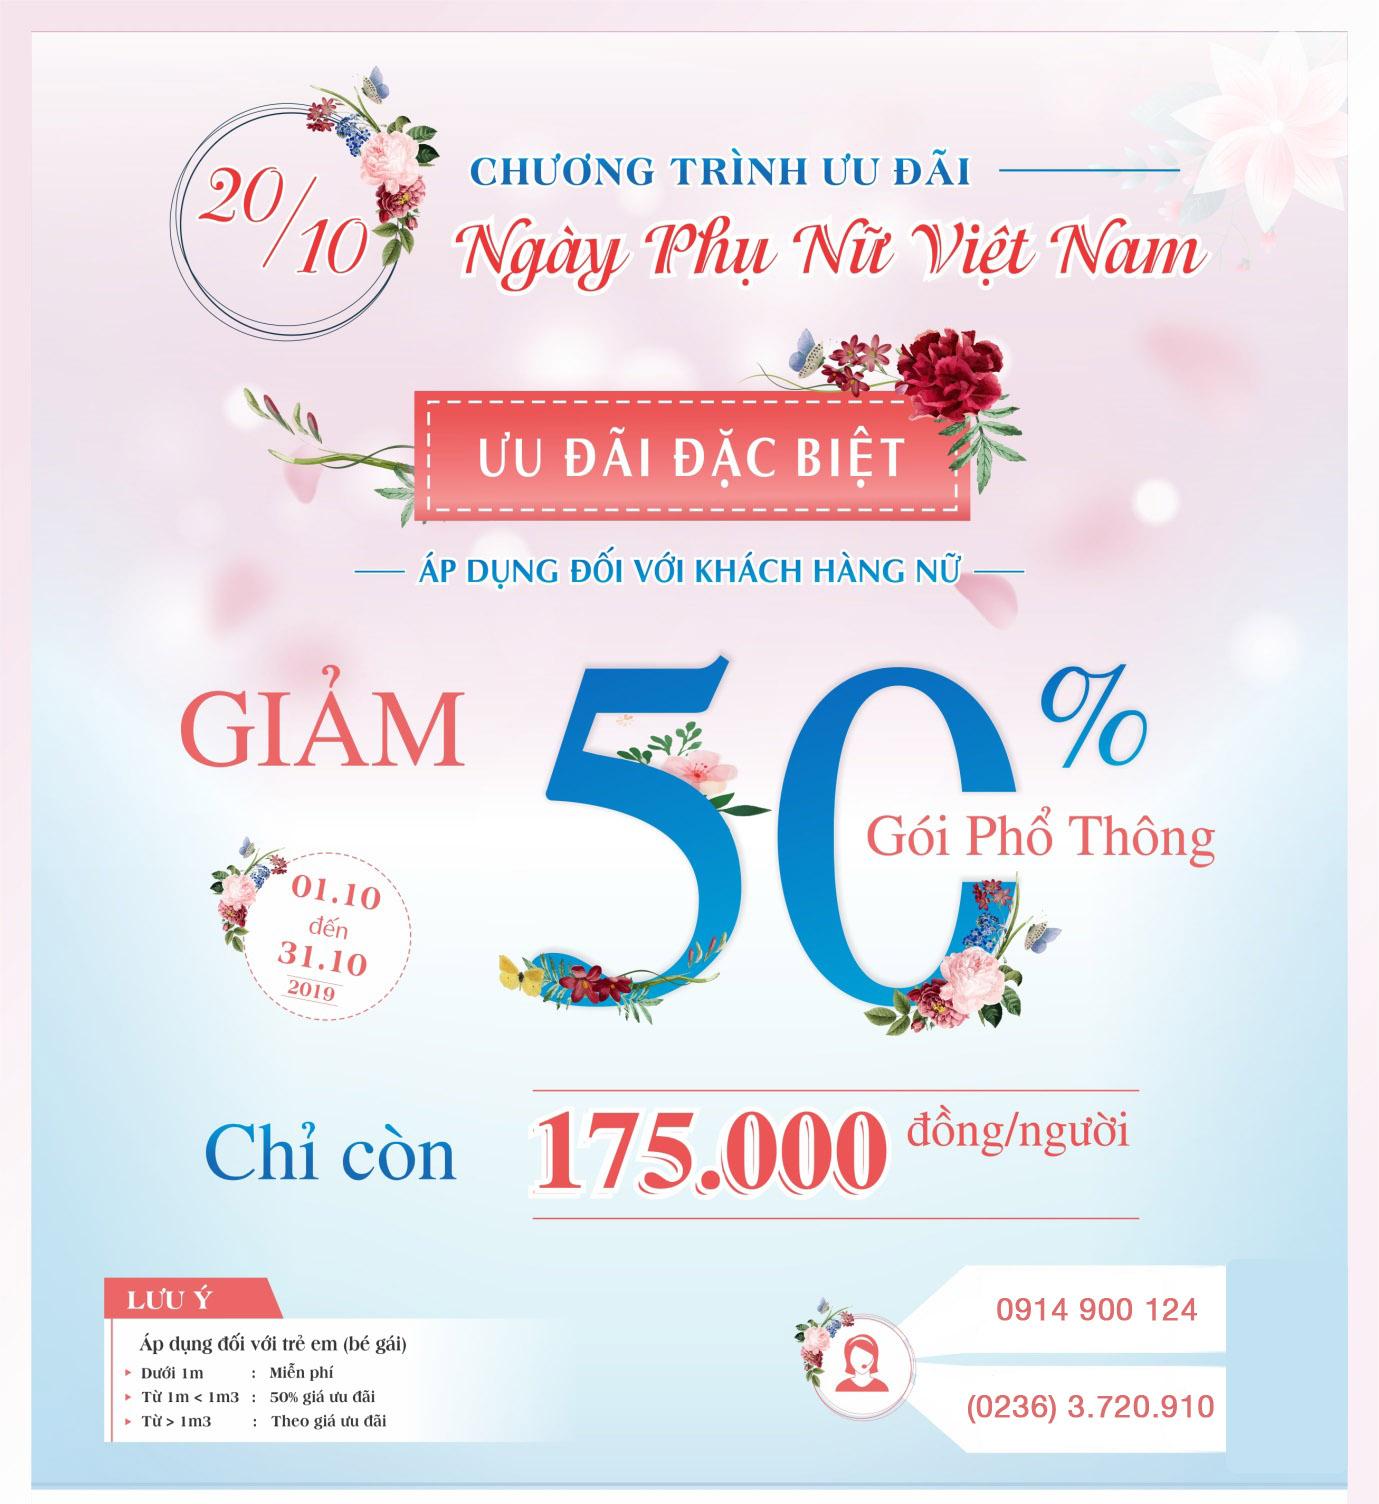 nui-than-tai-chuong-trinh-uu-dai-ngay-phu-nu-viet-nam-20-10